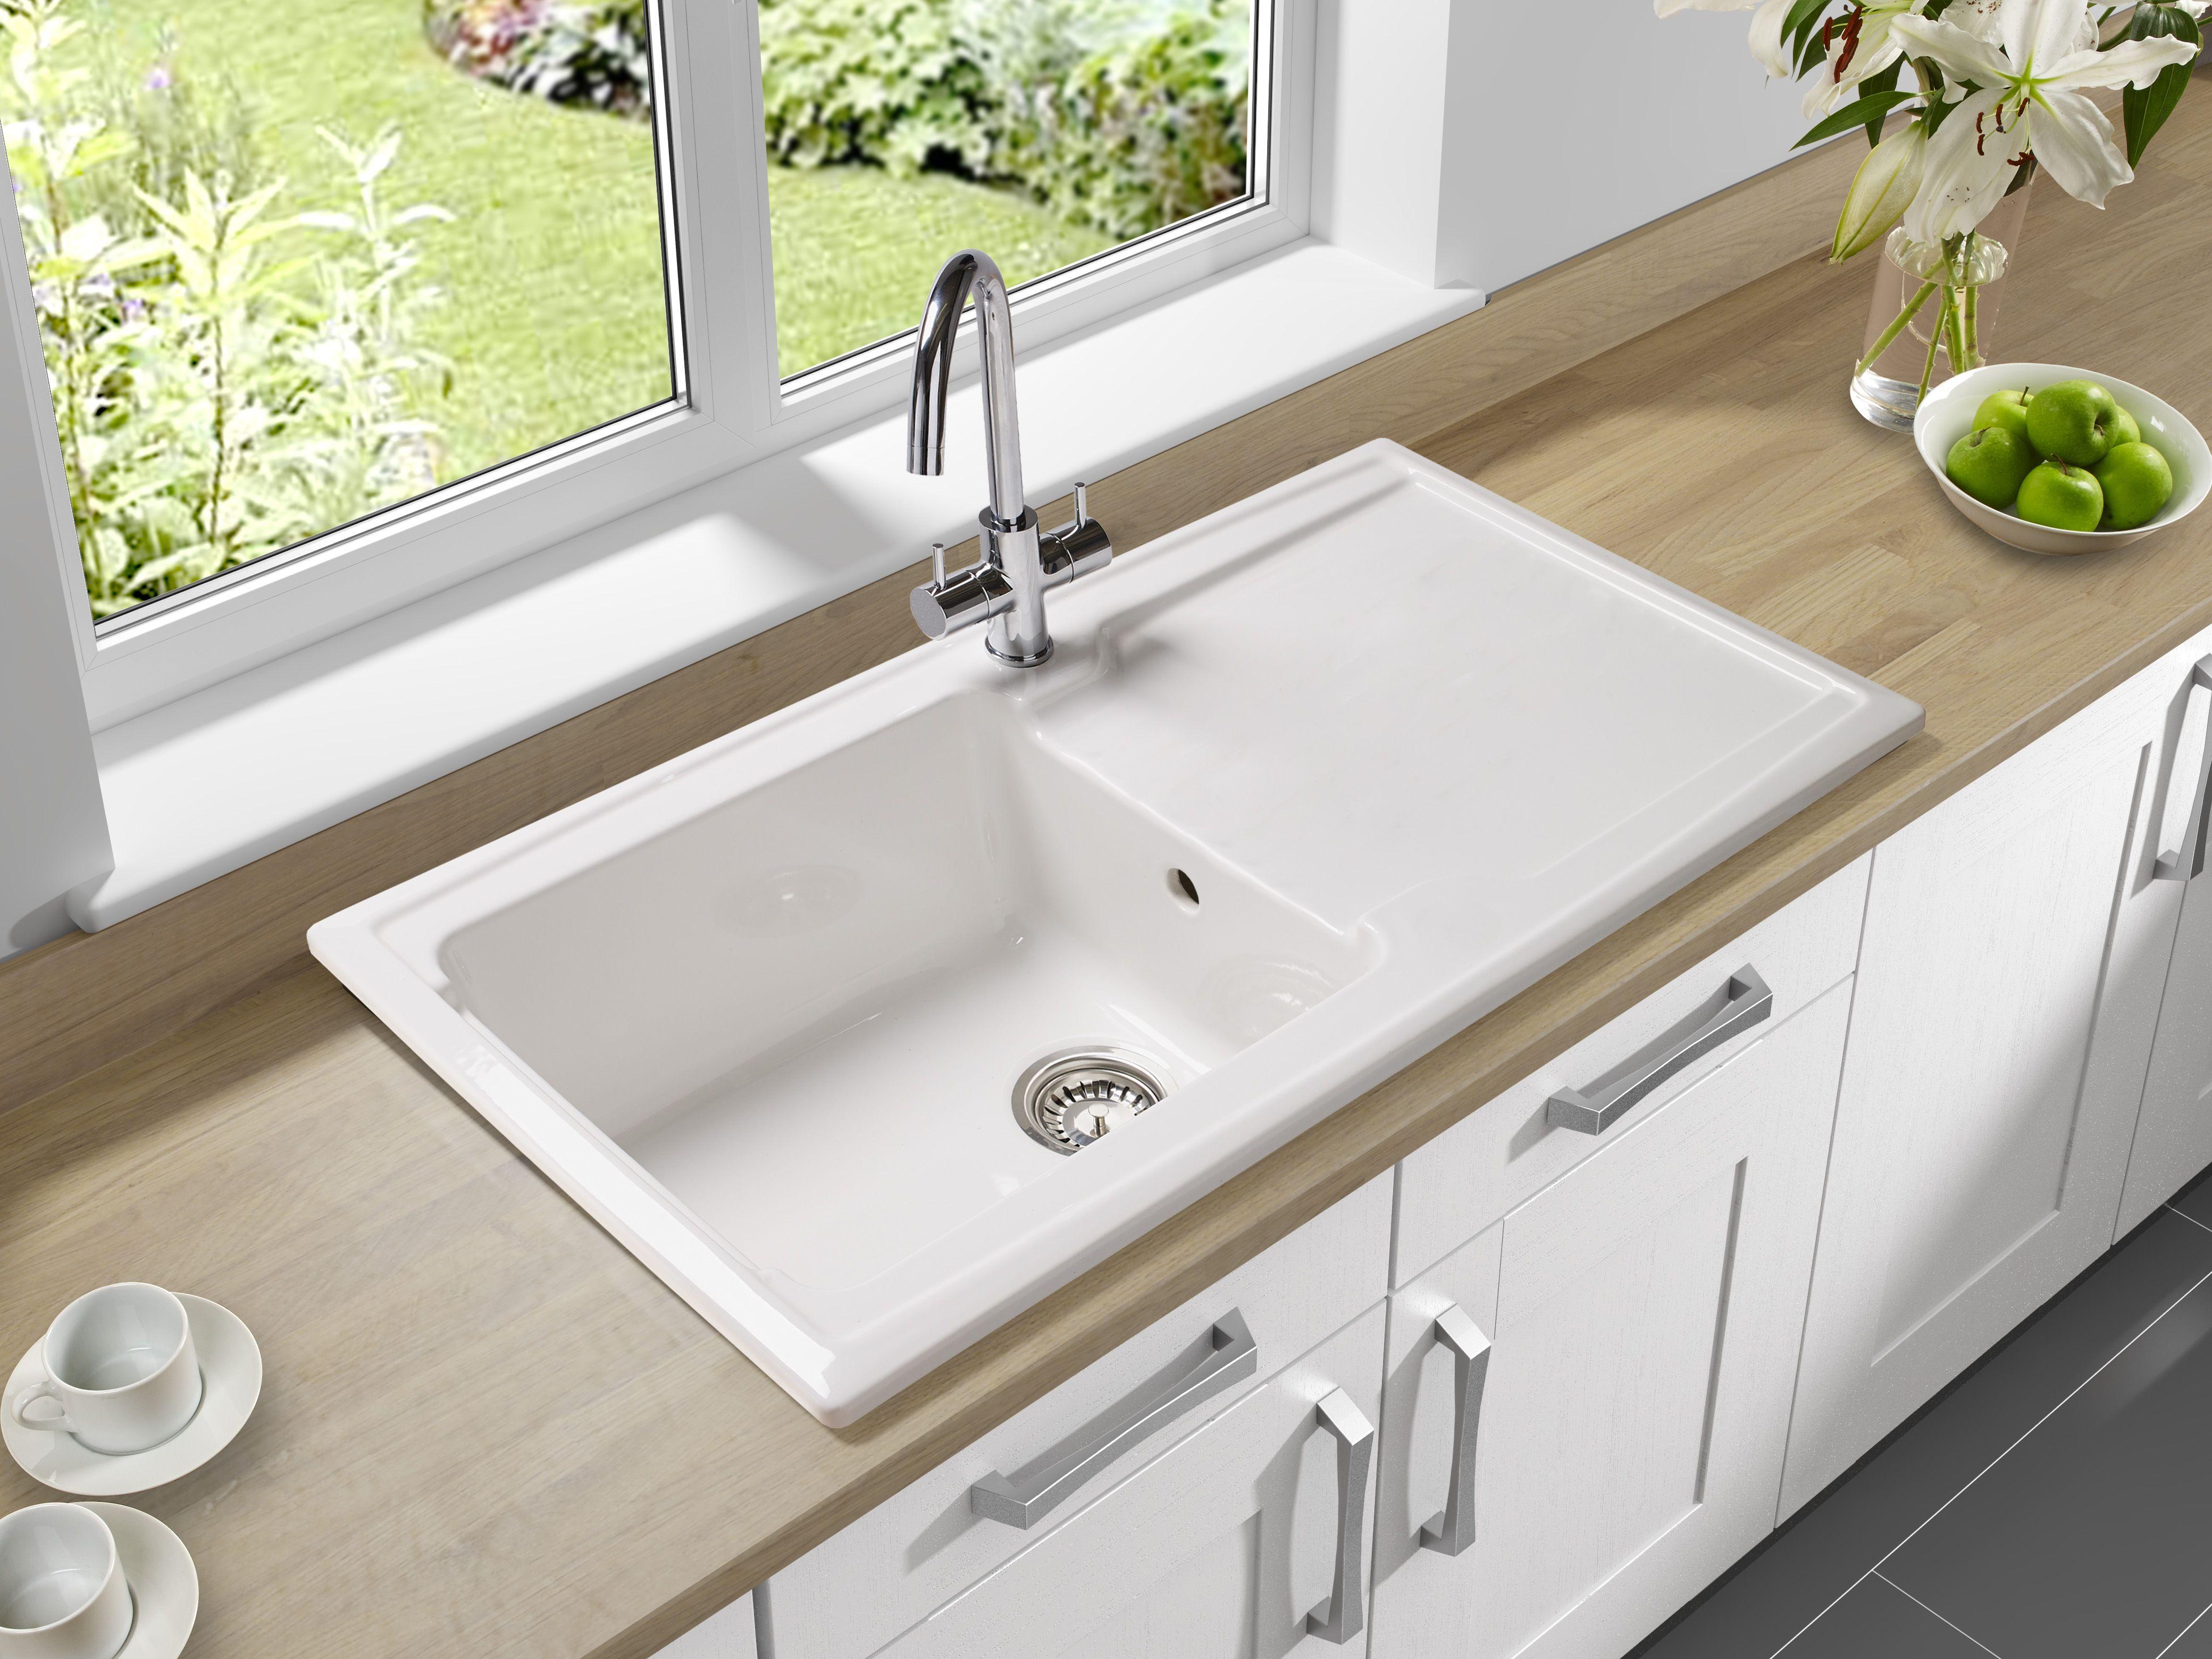 designer küche waschbecken  spülbecken design küche